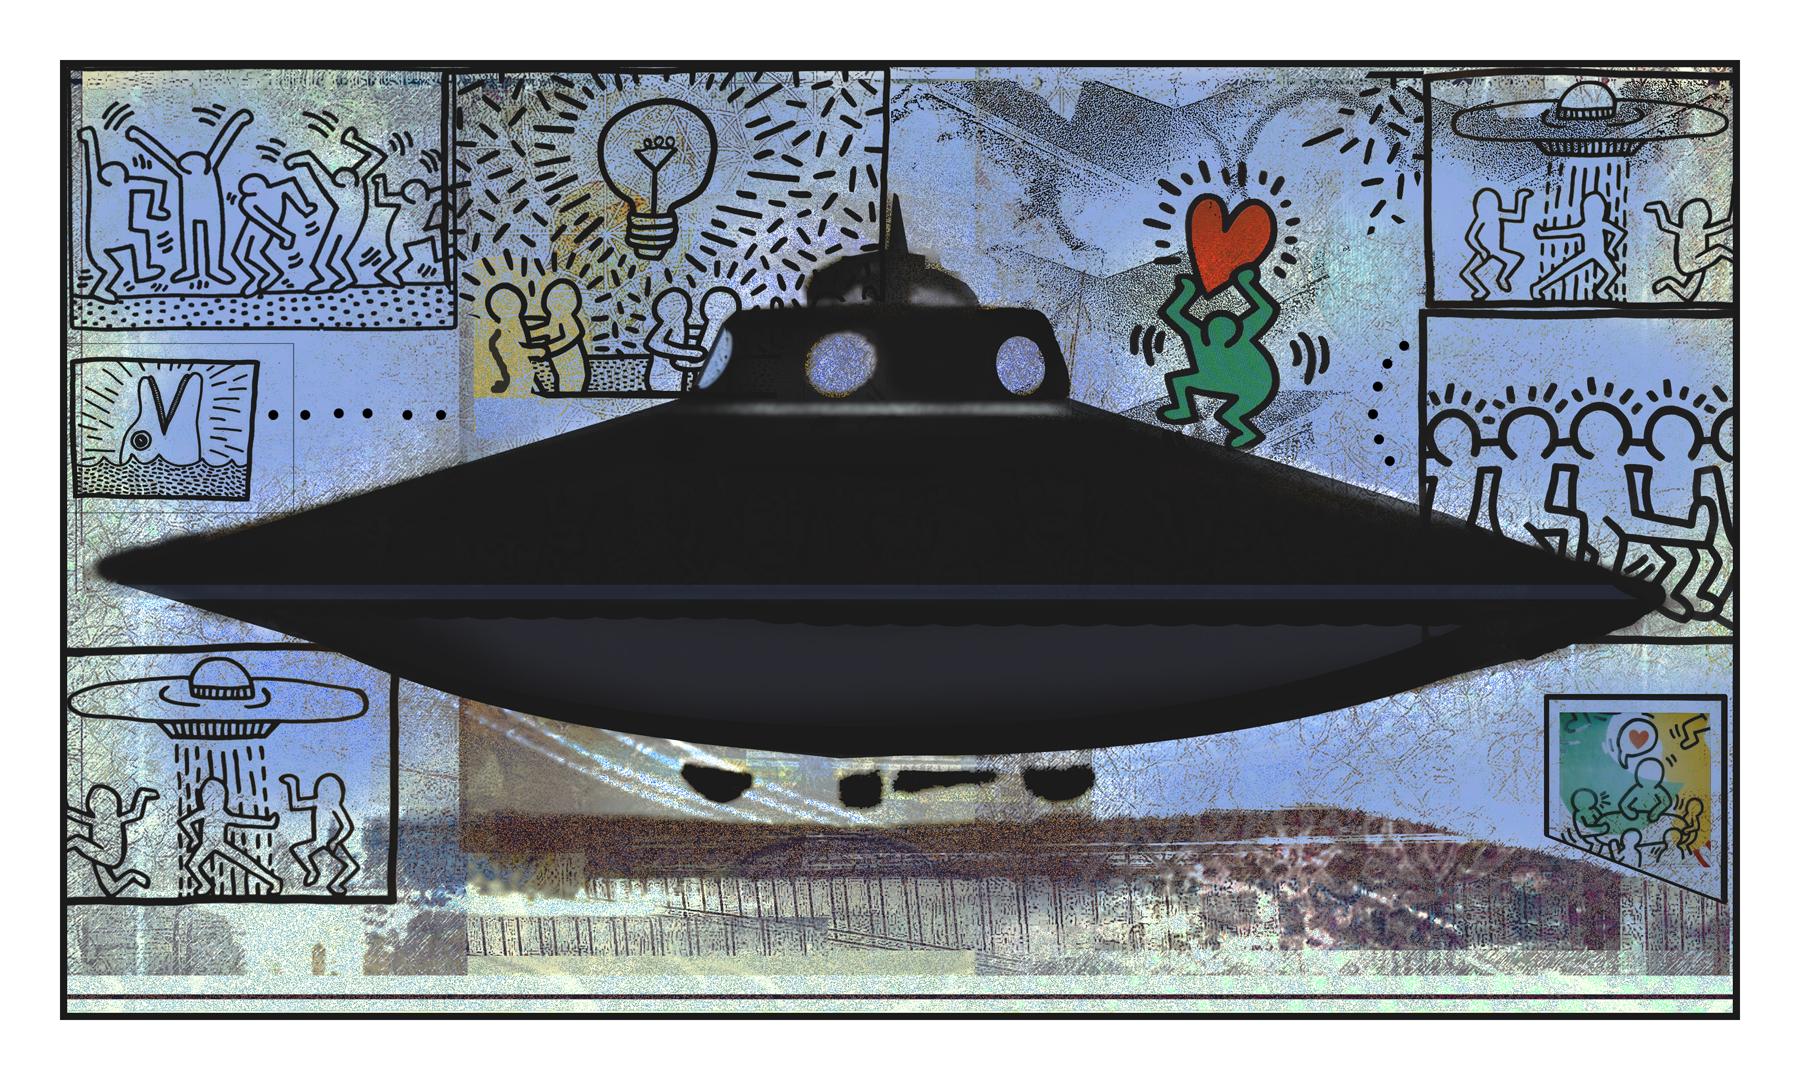 Ketth Harding's Saucer, work by Robert Hunter (MG: June 2021)